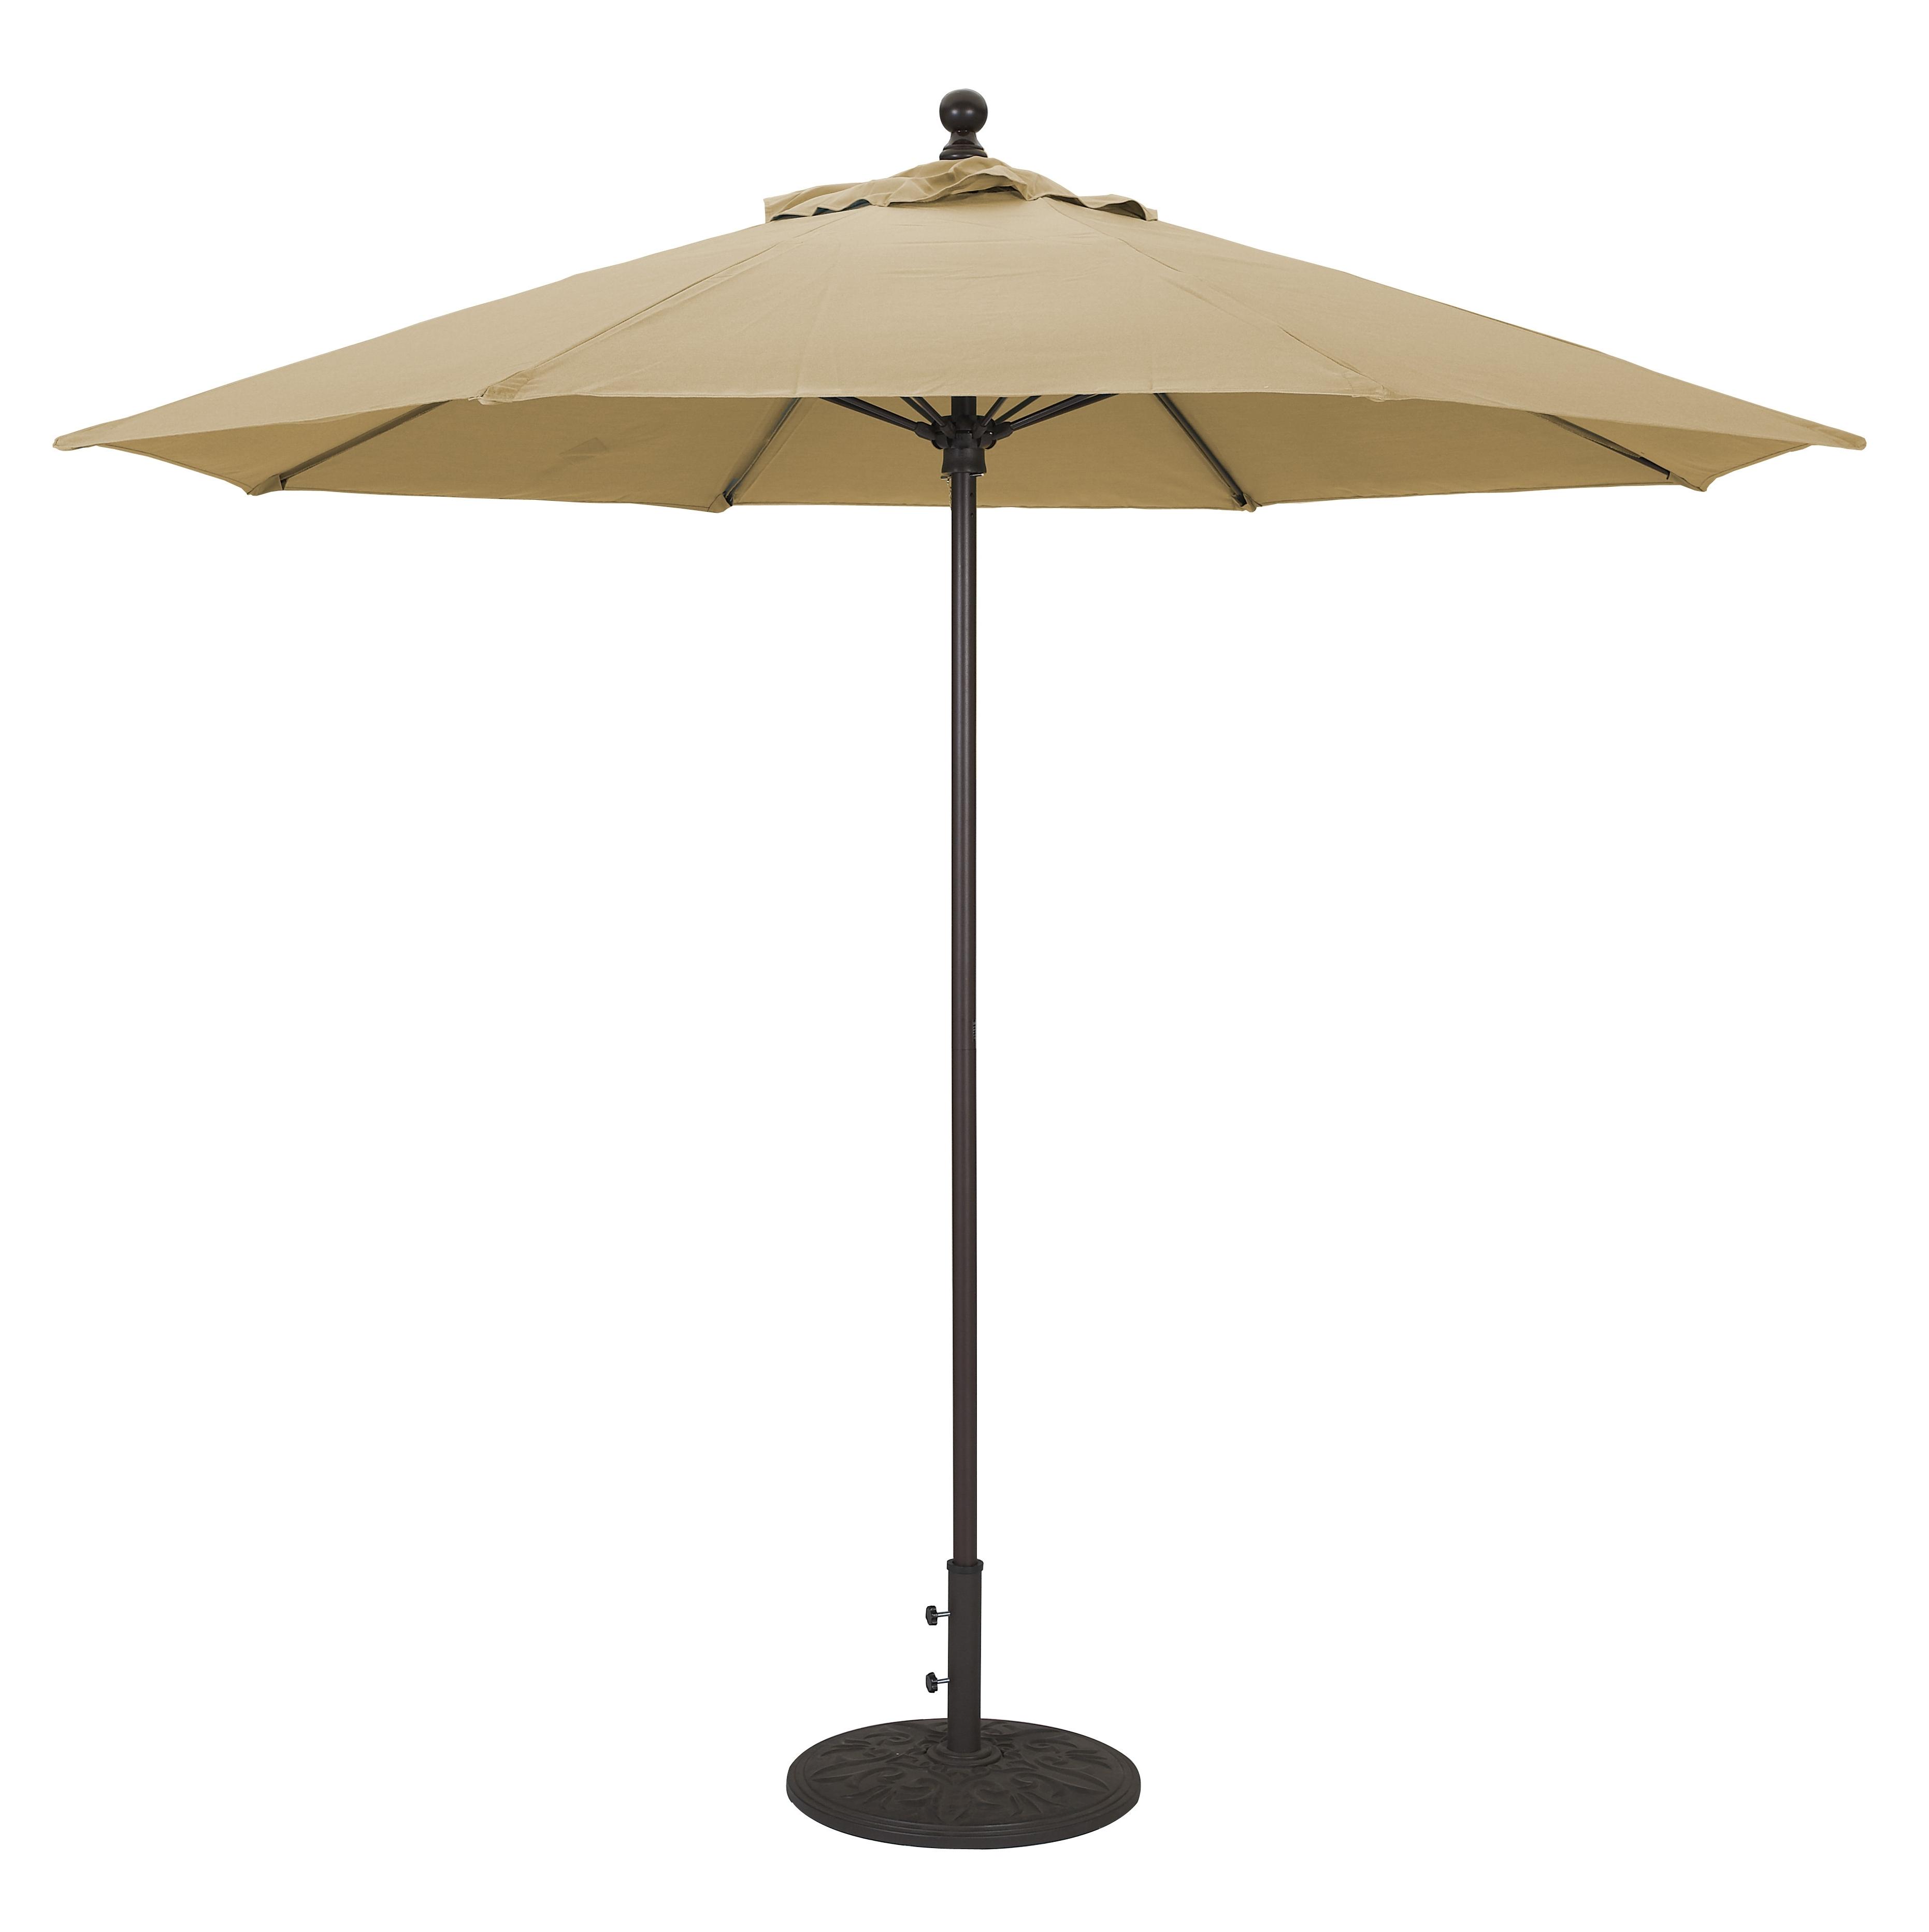 Best And Newest Sunbrella Umbrellas For Sunbrella Teak Umbrellas (View 11 of 20)